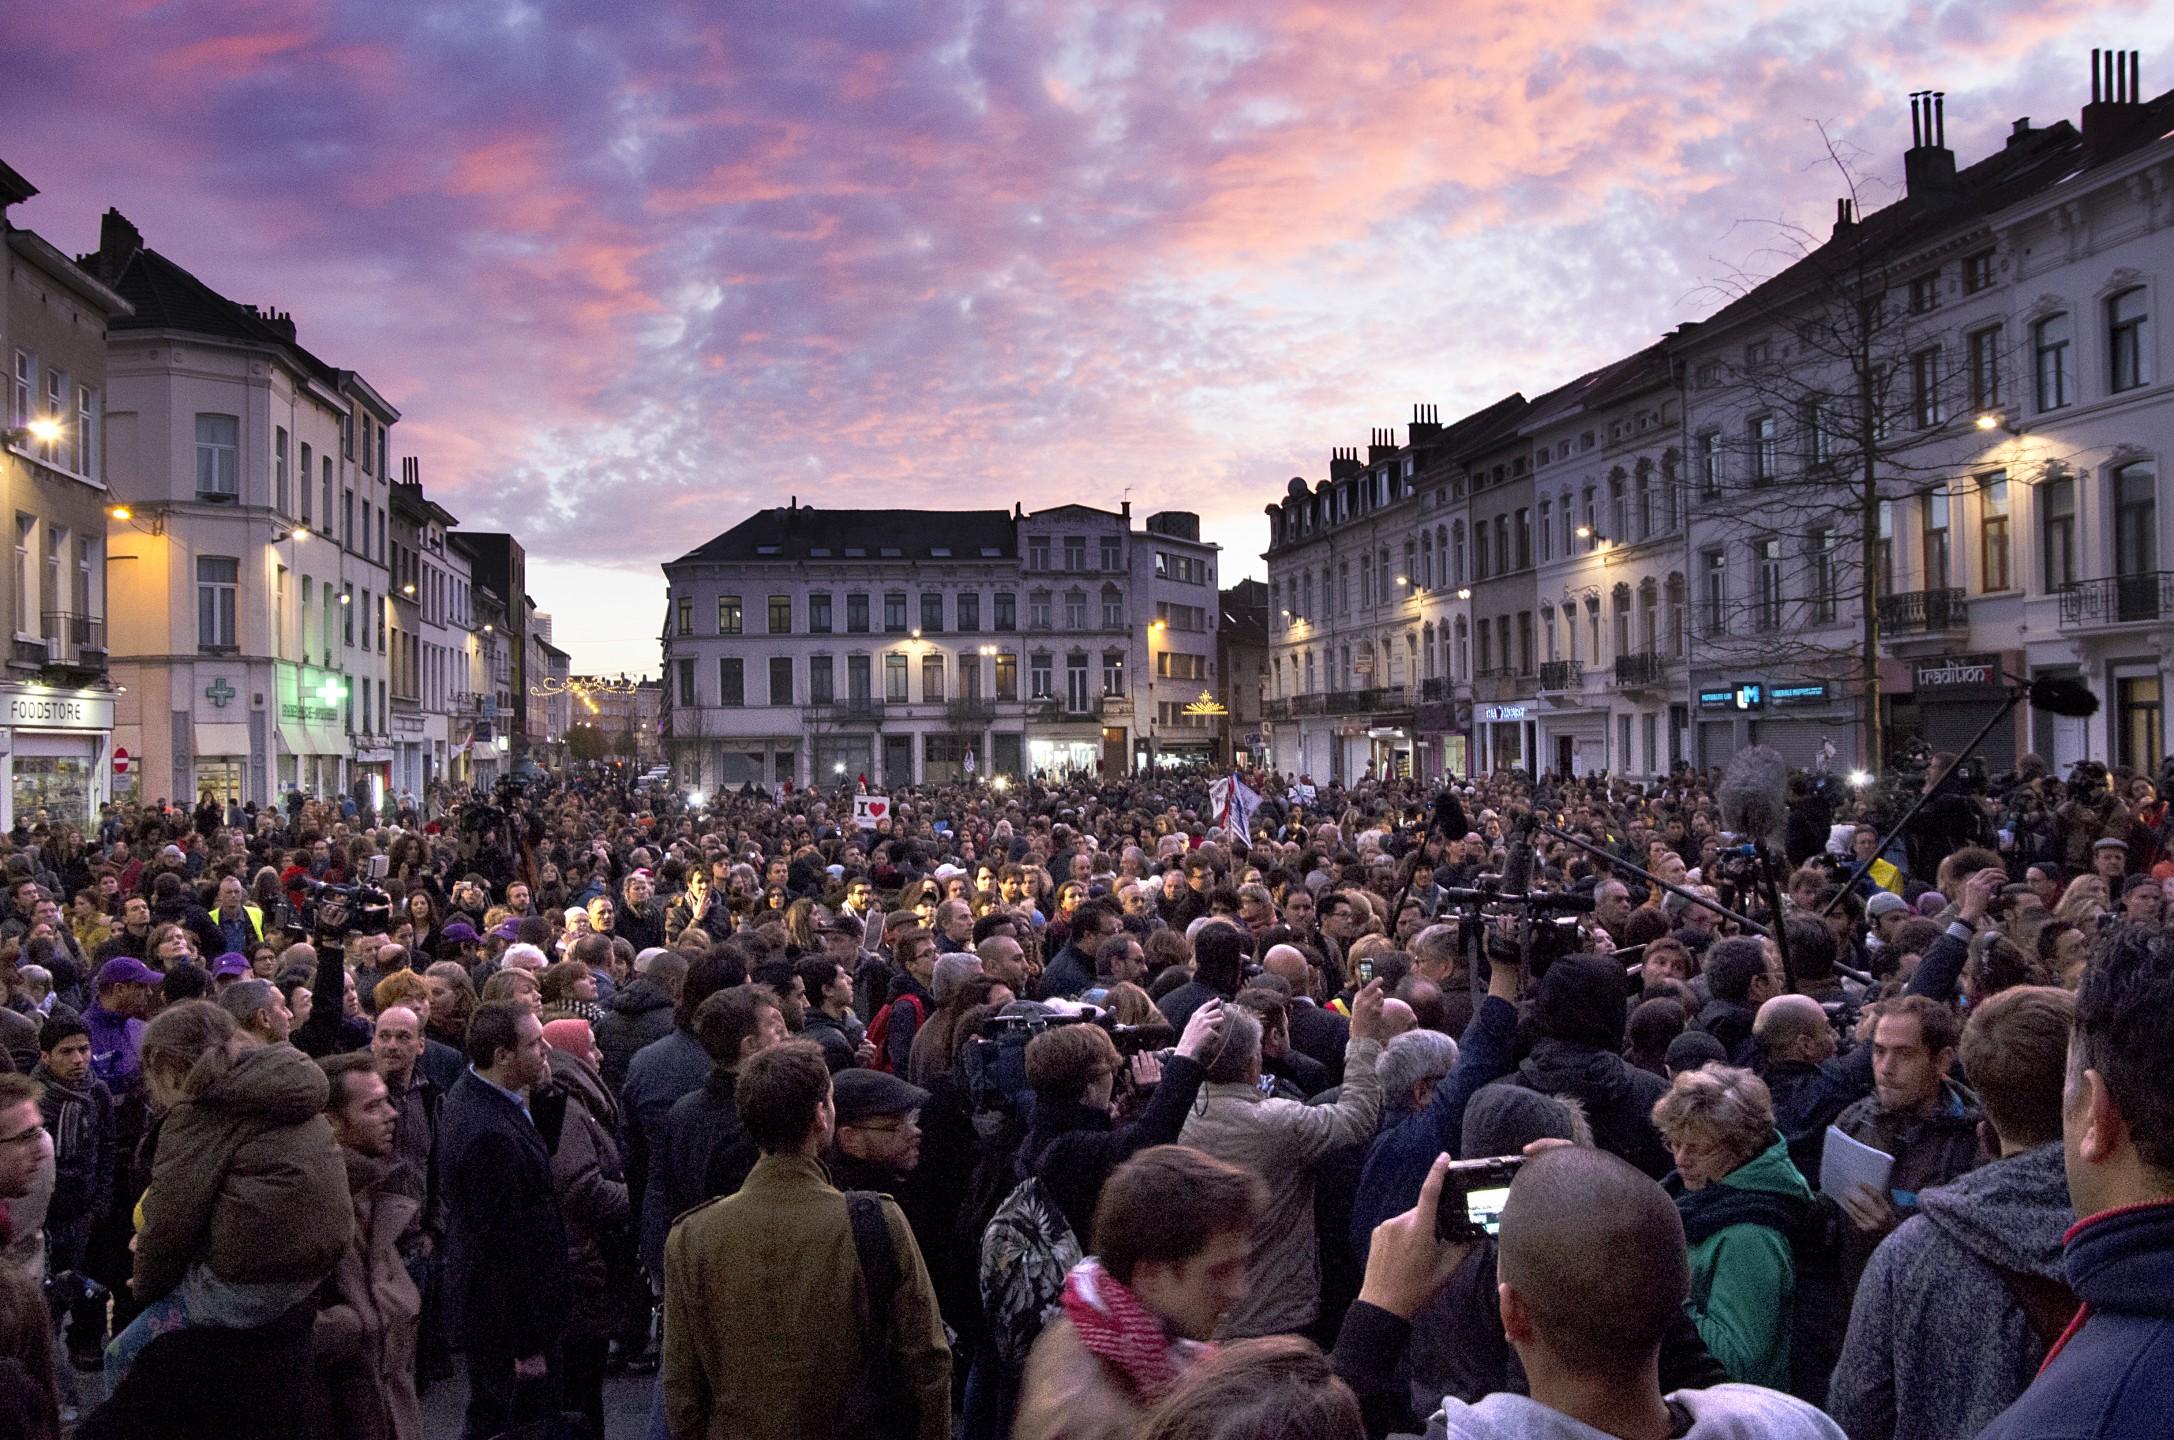 Woensdagavond kwamen ze bijeen op het gemeenteplein in Molenbeek voor een solidariteitsactie.